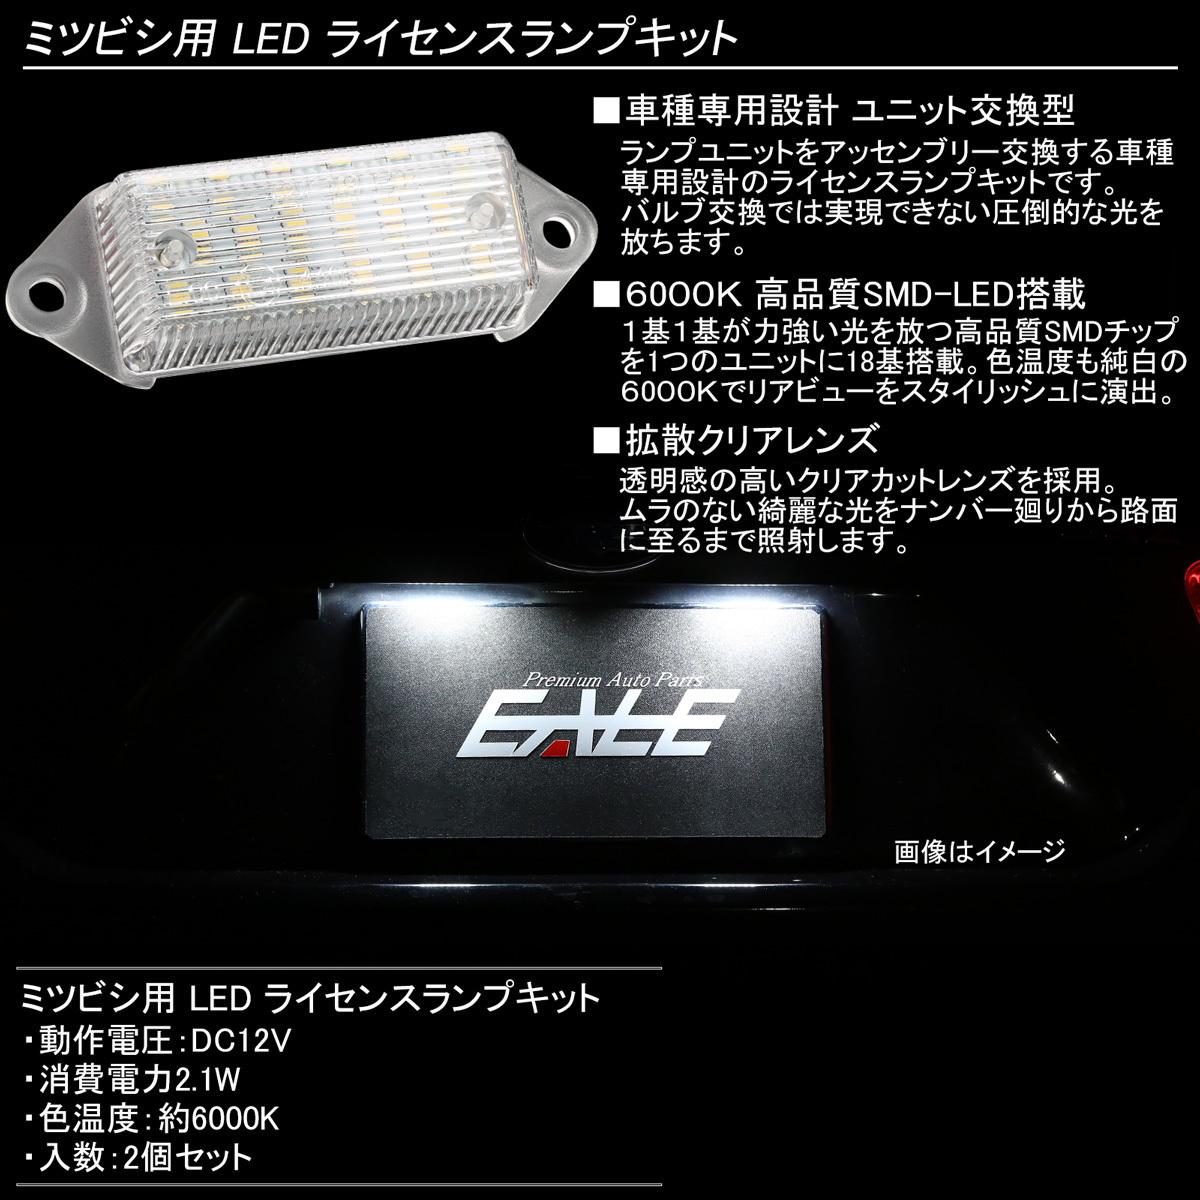 ランサーエボリューション10 CZ4A CY系 ギャラン フォルティス LED ライセンスランプ ナンバー灯 6000K ホワイト ランエボⅩ R-463_画像2